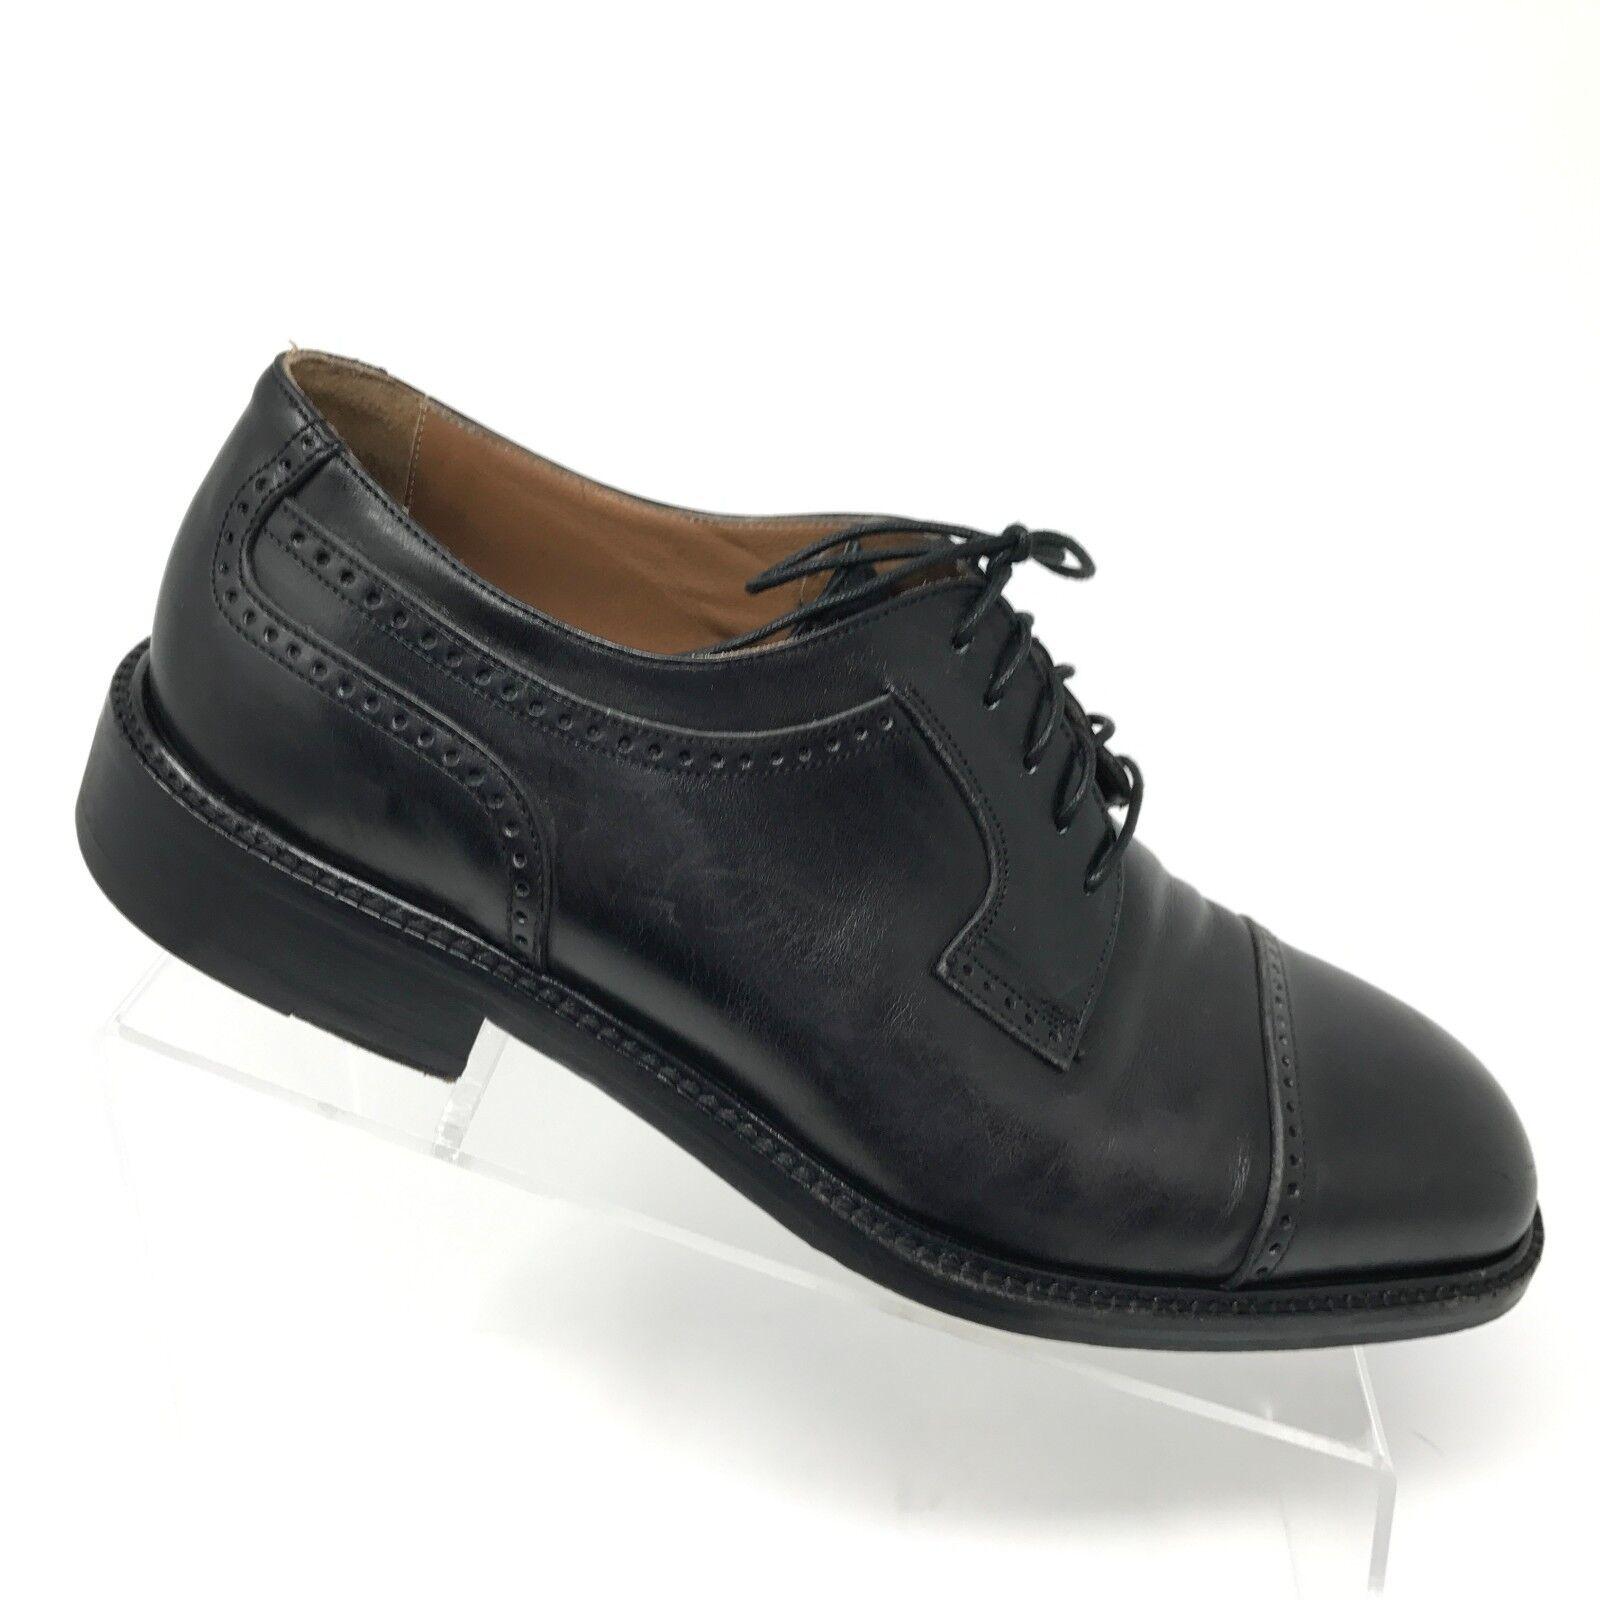 90283aa98c8df Vintage Florsheim Imperial Black Leather Cap Toe Oxfords Size 11d ...